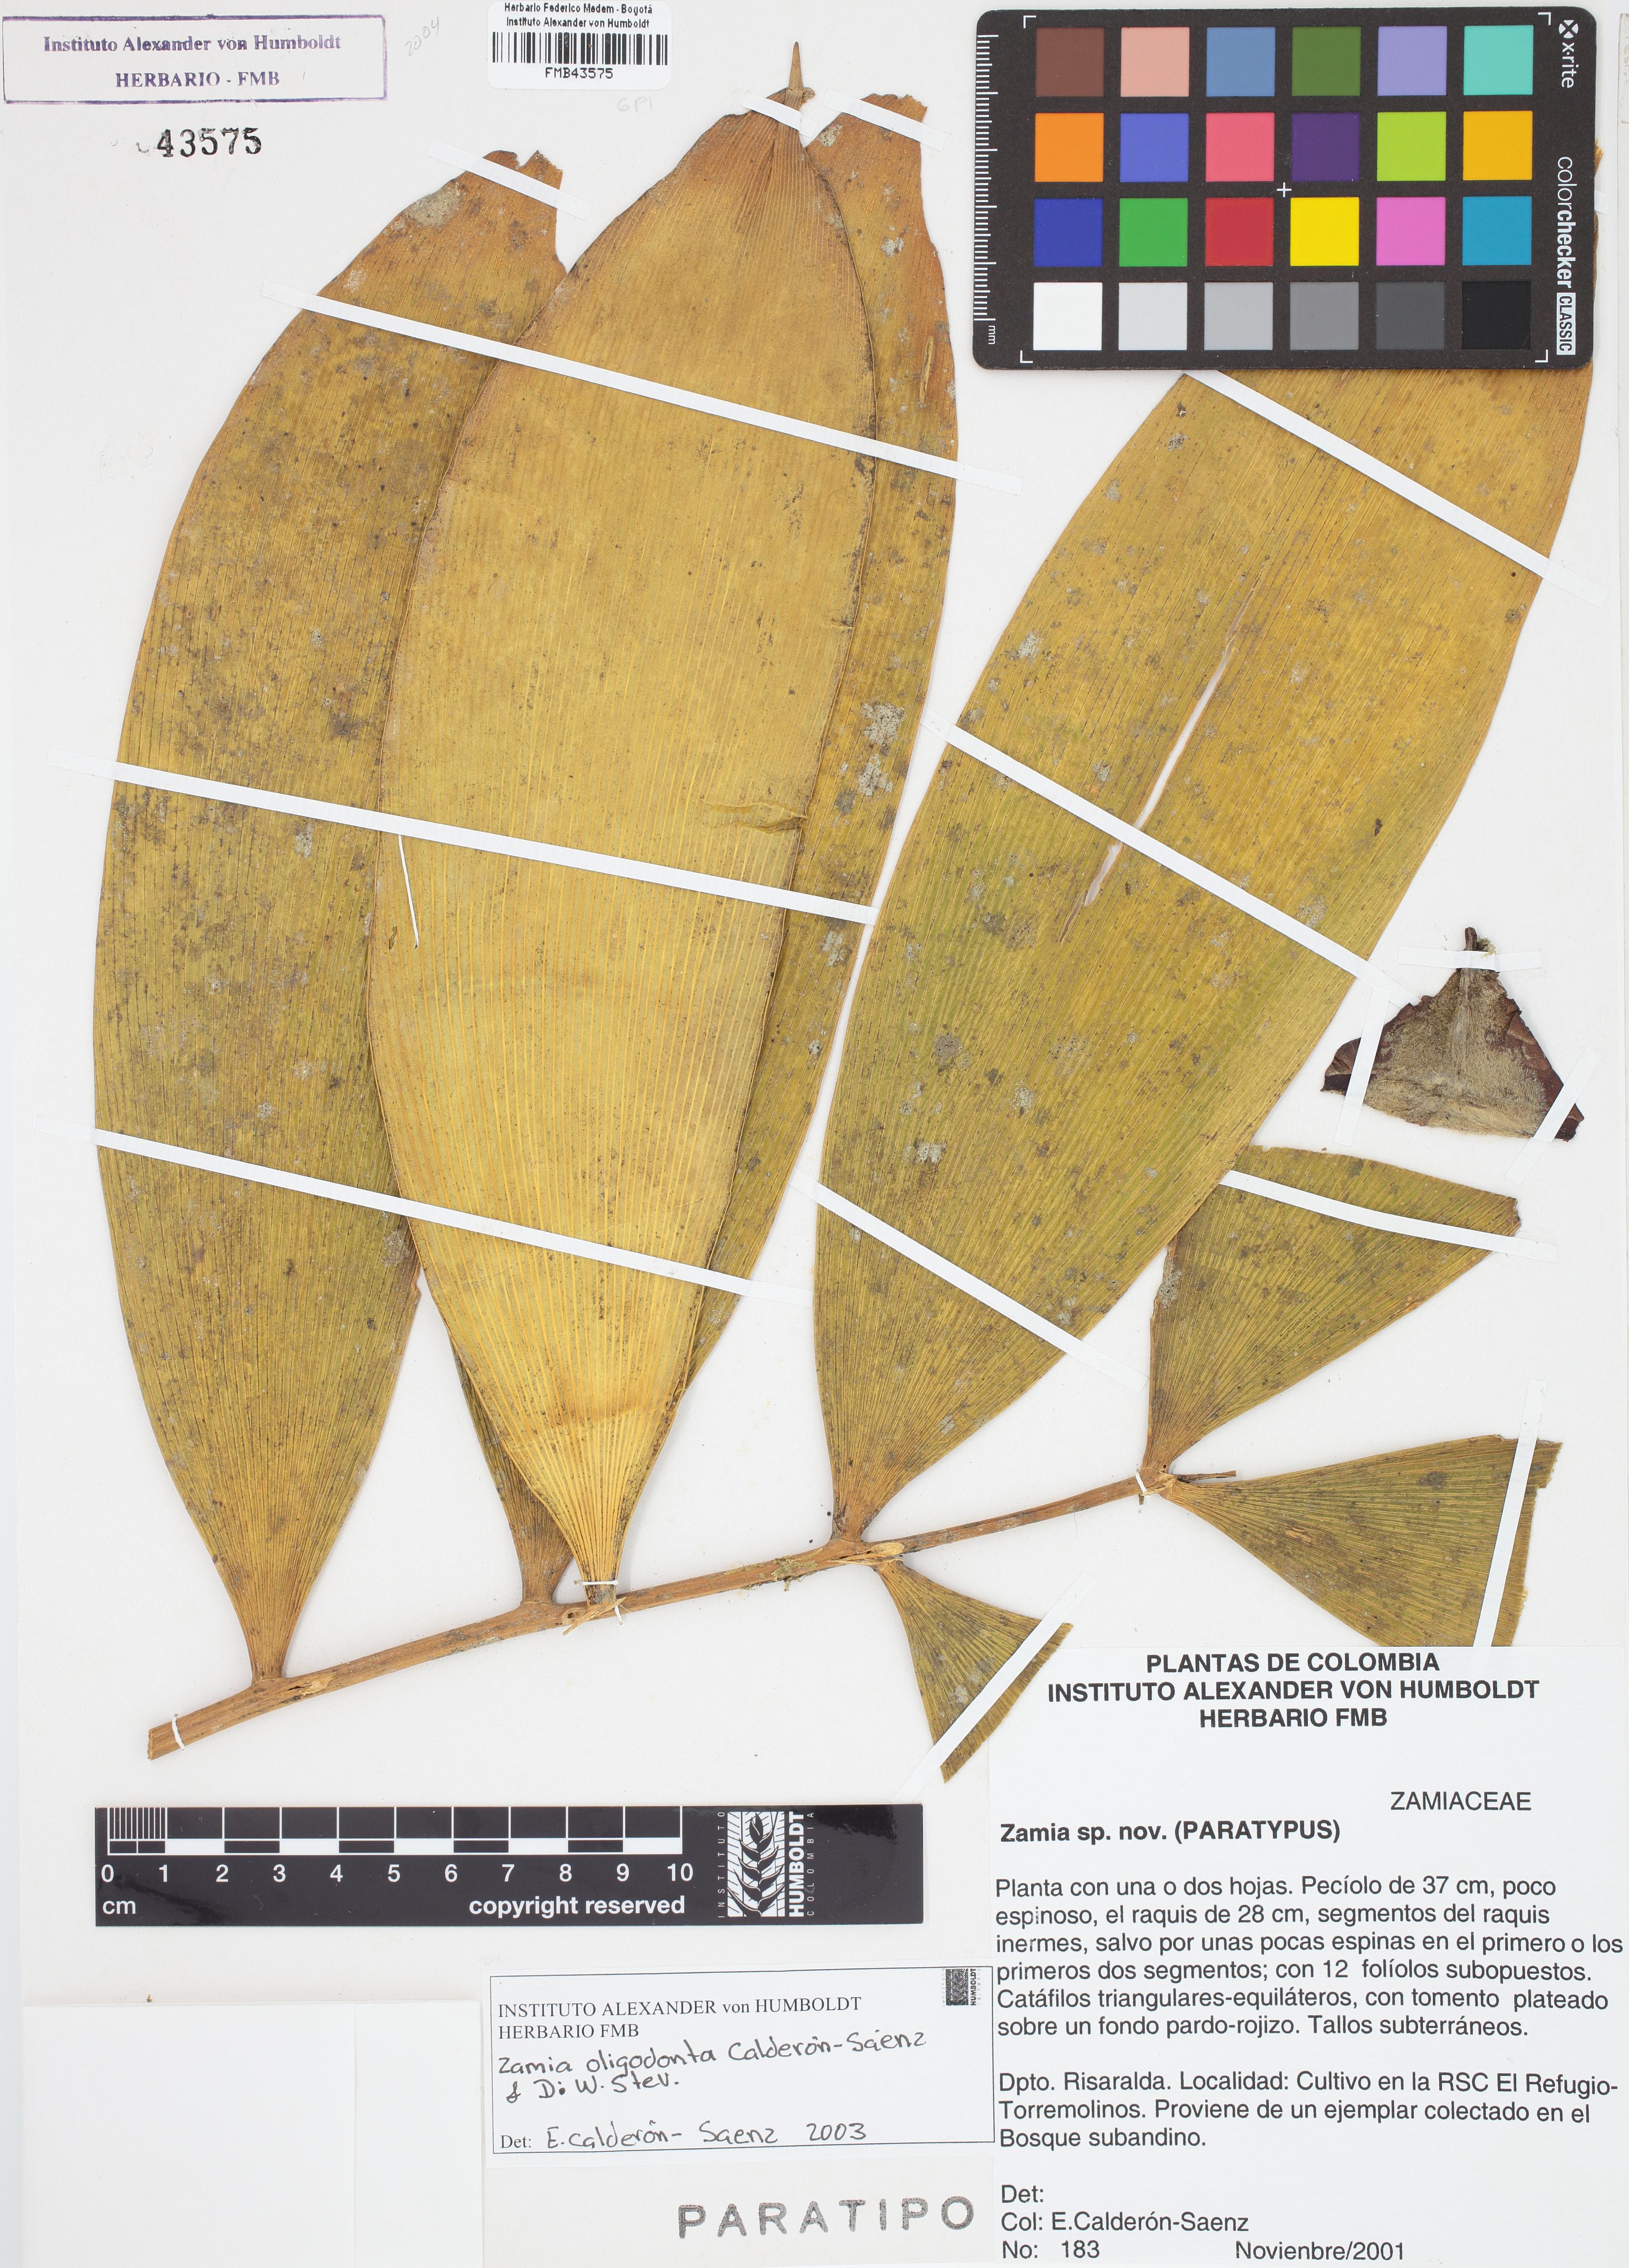 Paratipo de <em>Zamia oligodonta</em>, FMB-43575, Fotografía por Robles A.